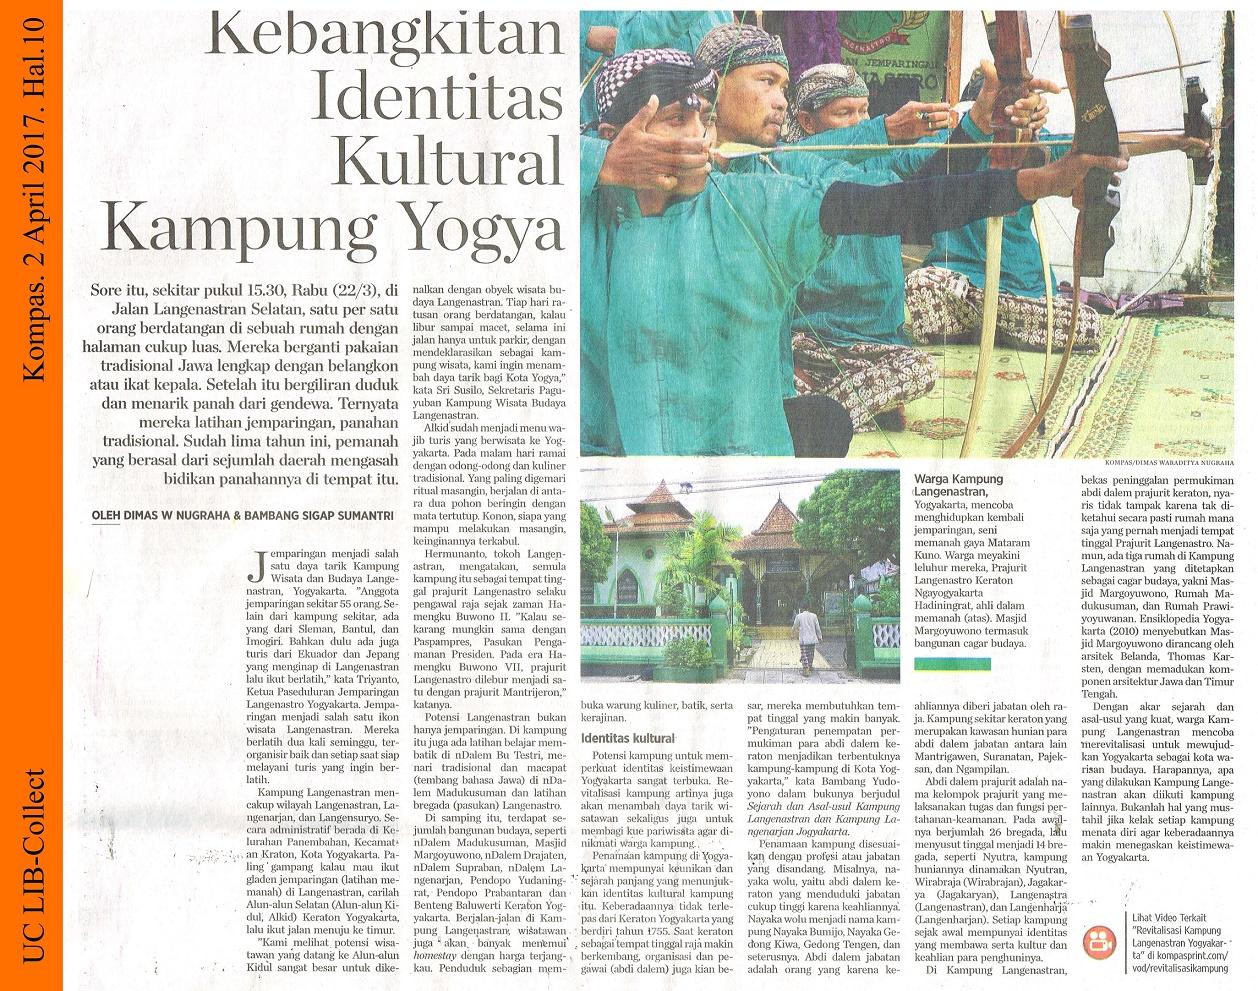 Kebangkitan Identitas Kultural Kampung Yogya. Kompas. 2 April 2017. Hal.10